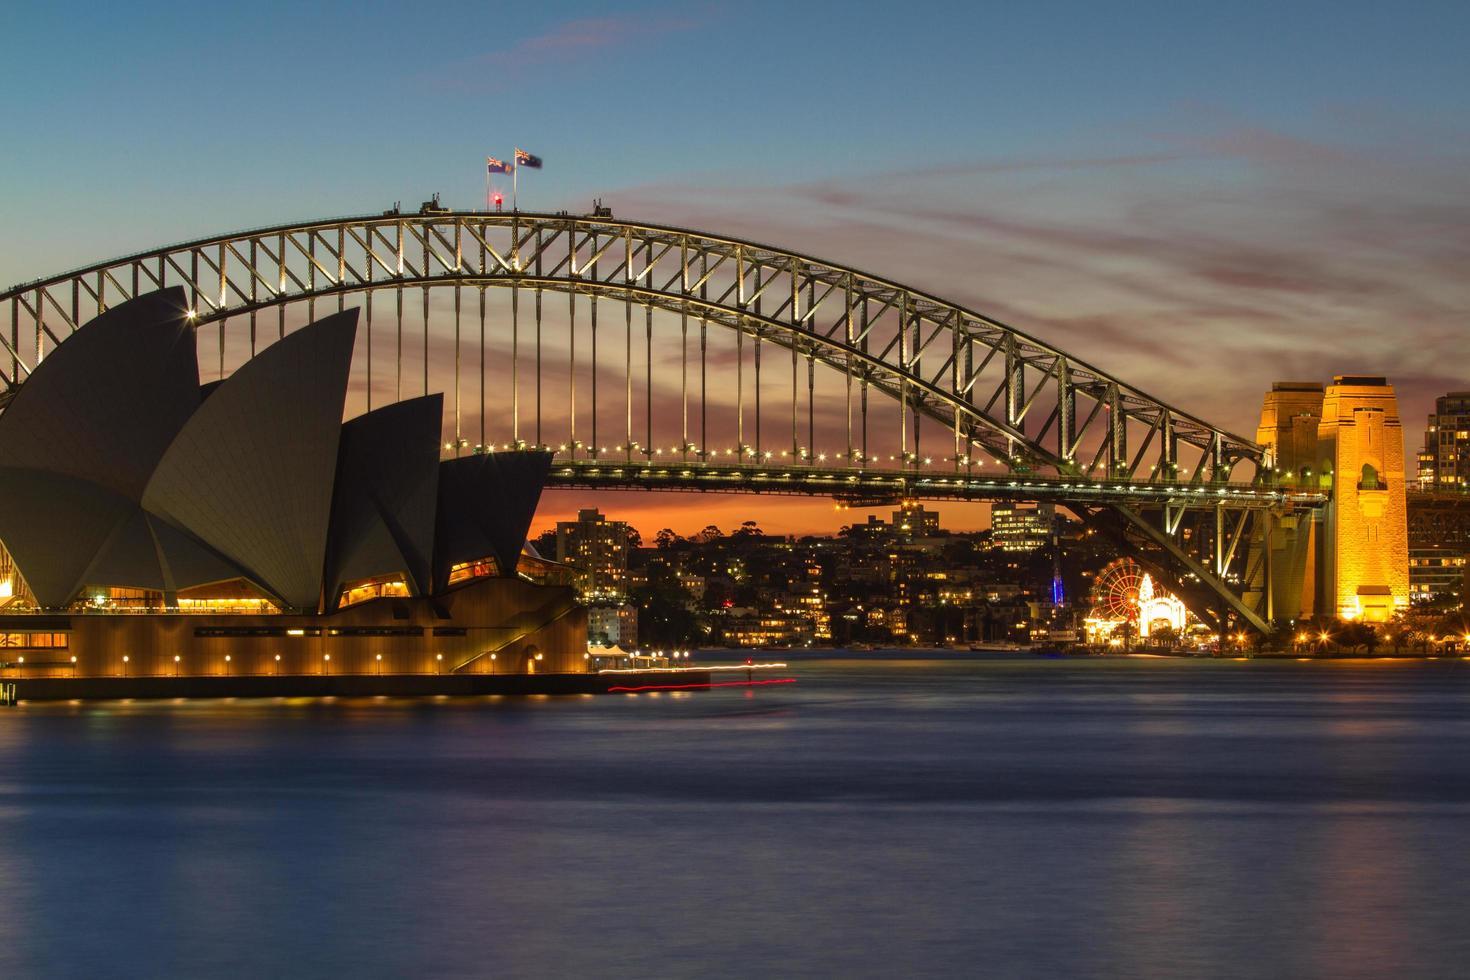 Sydney, Australien, 2020 - Sydney Opera House und Brücke in der Nacht foto